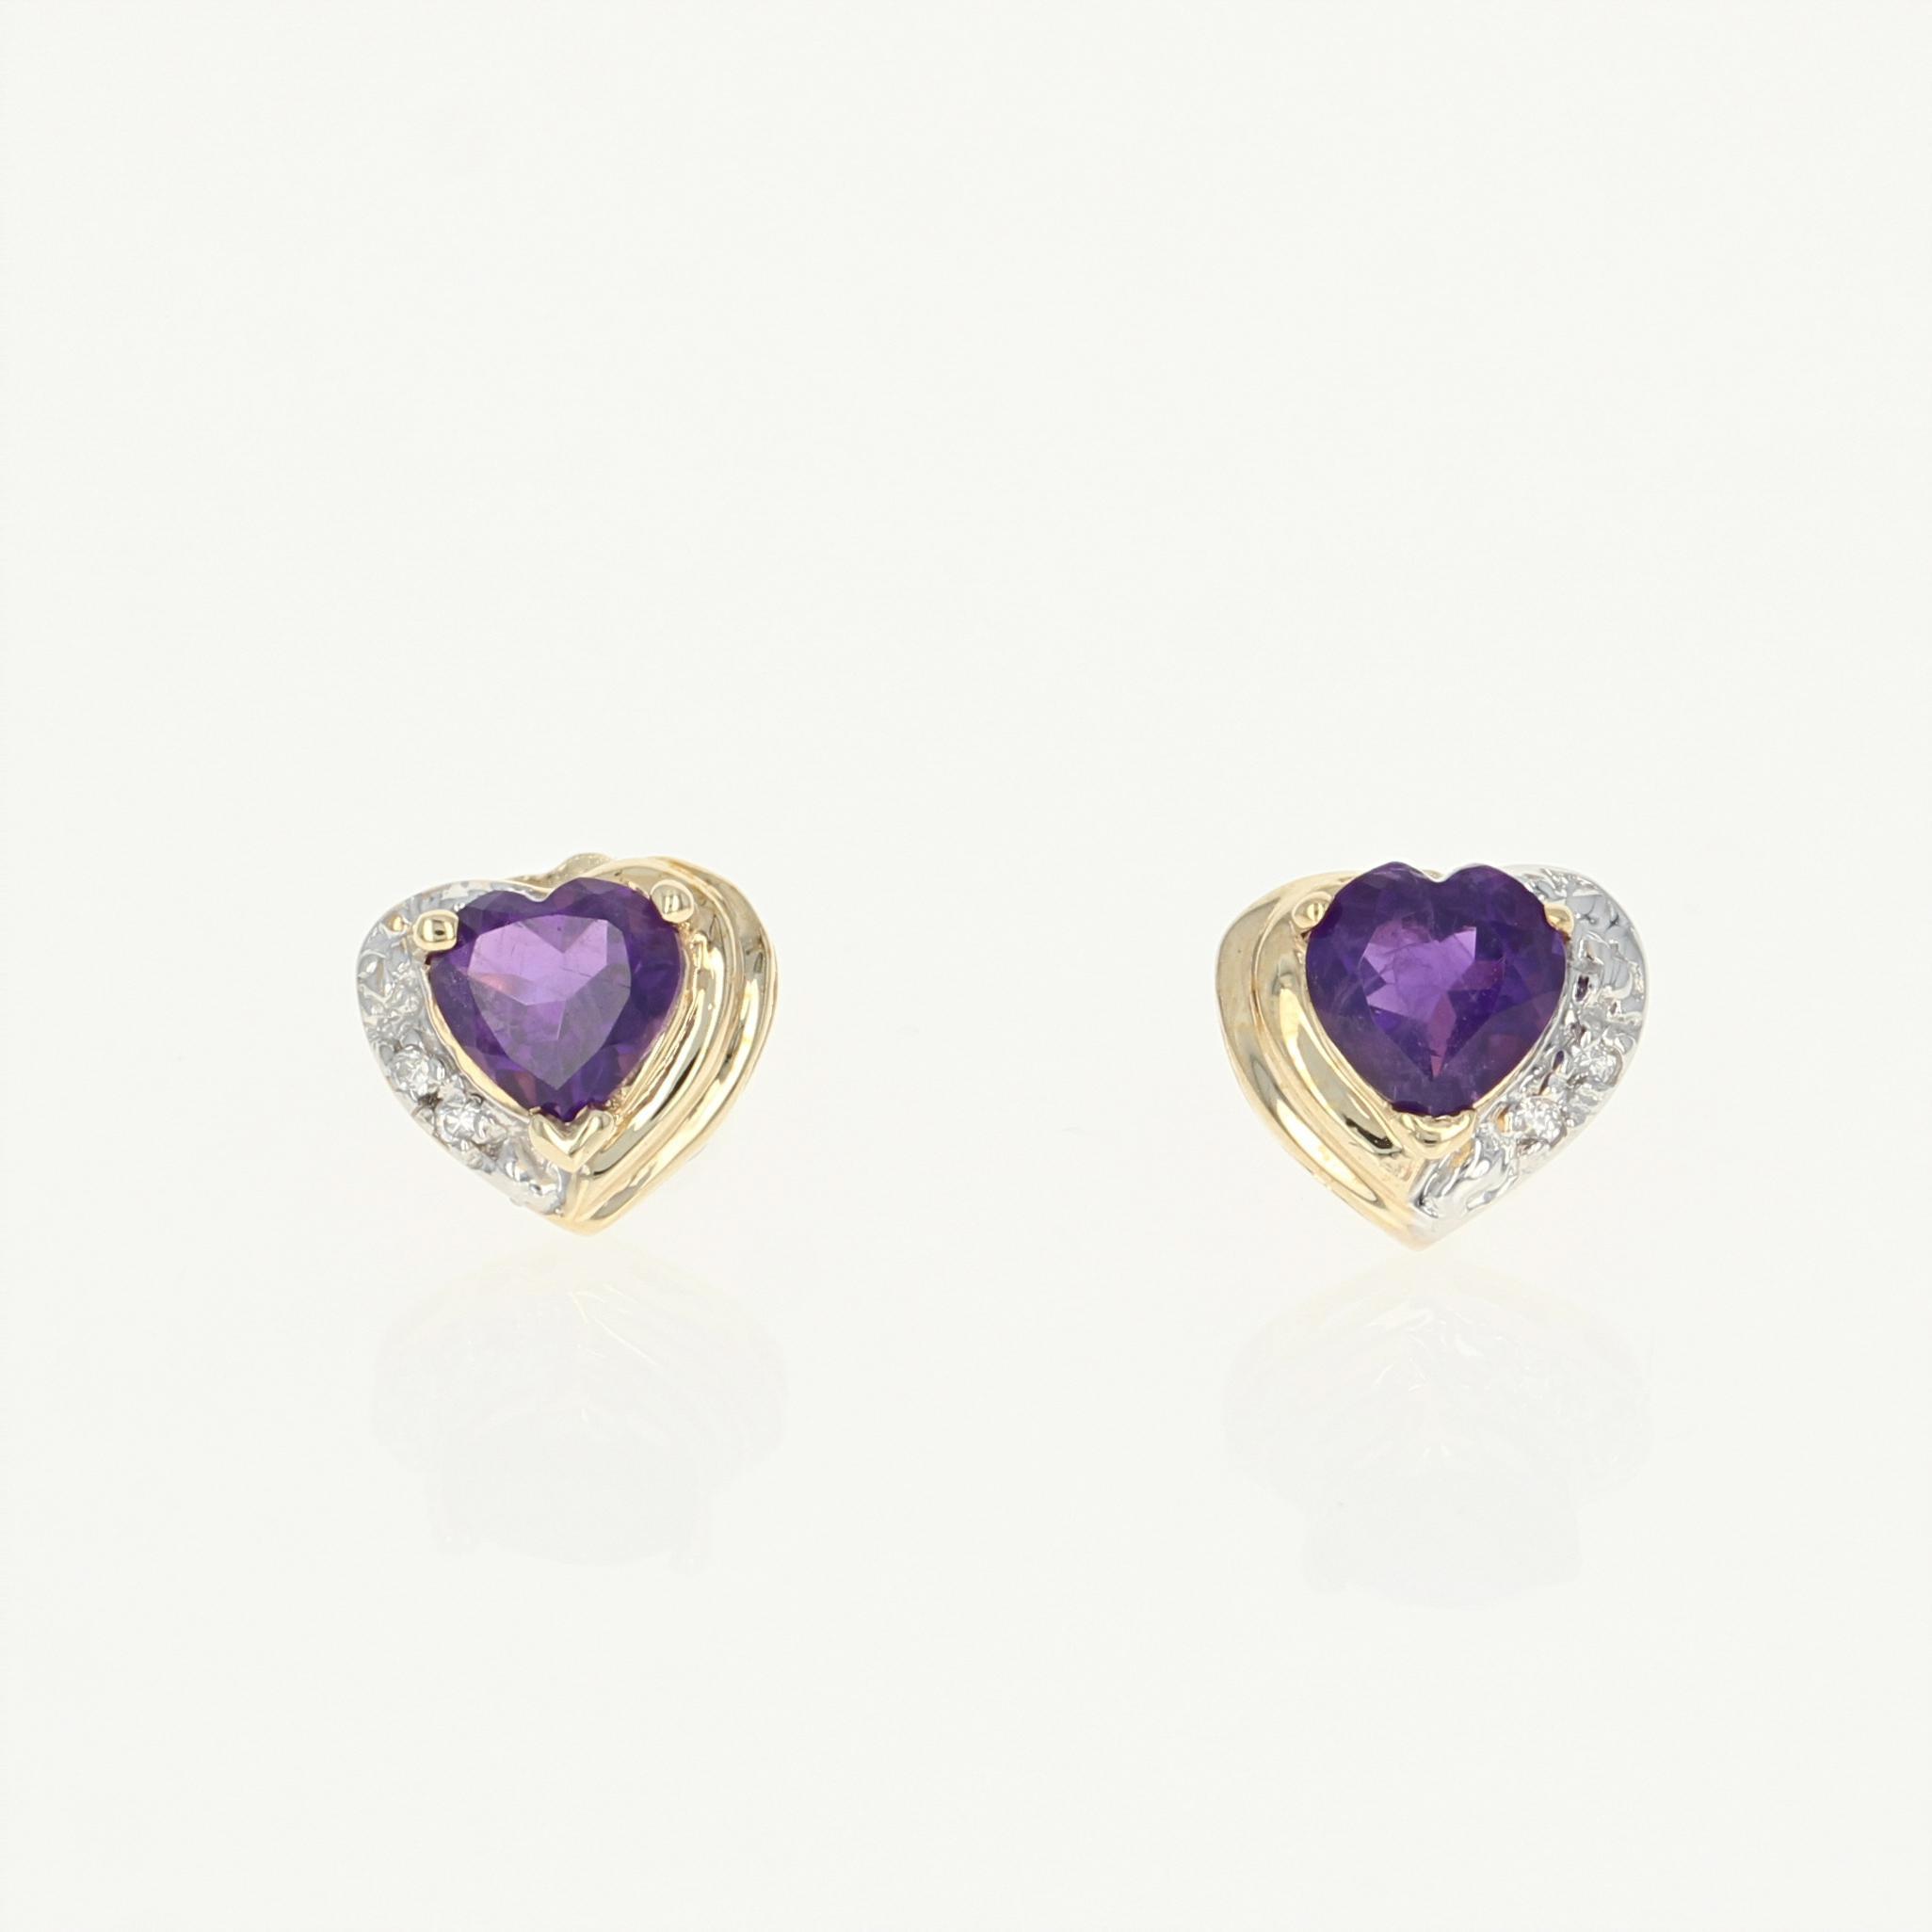 Amethyst Heart Earrings 10k Yellow Gold Cz Accents Pierced Studs 0 77ctw